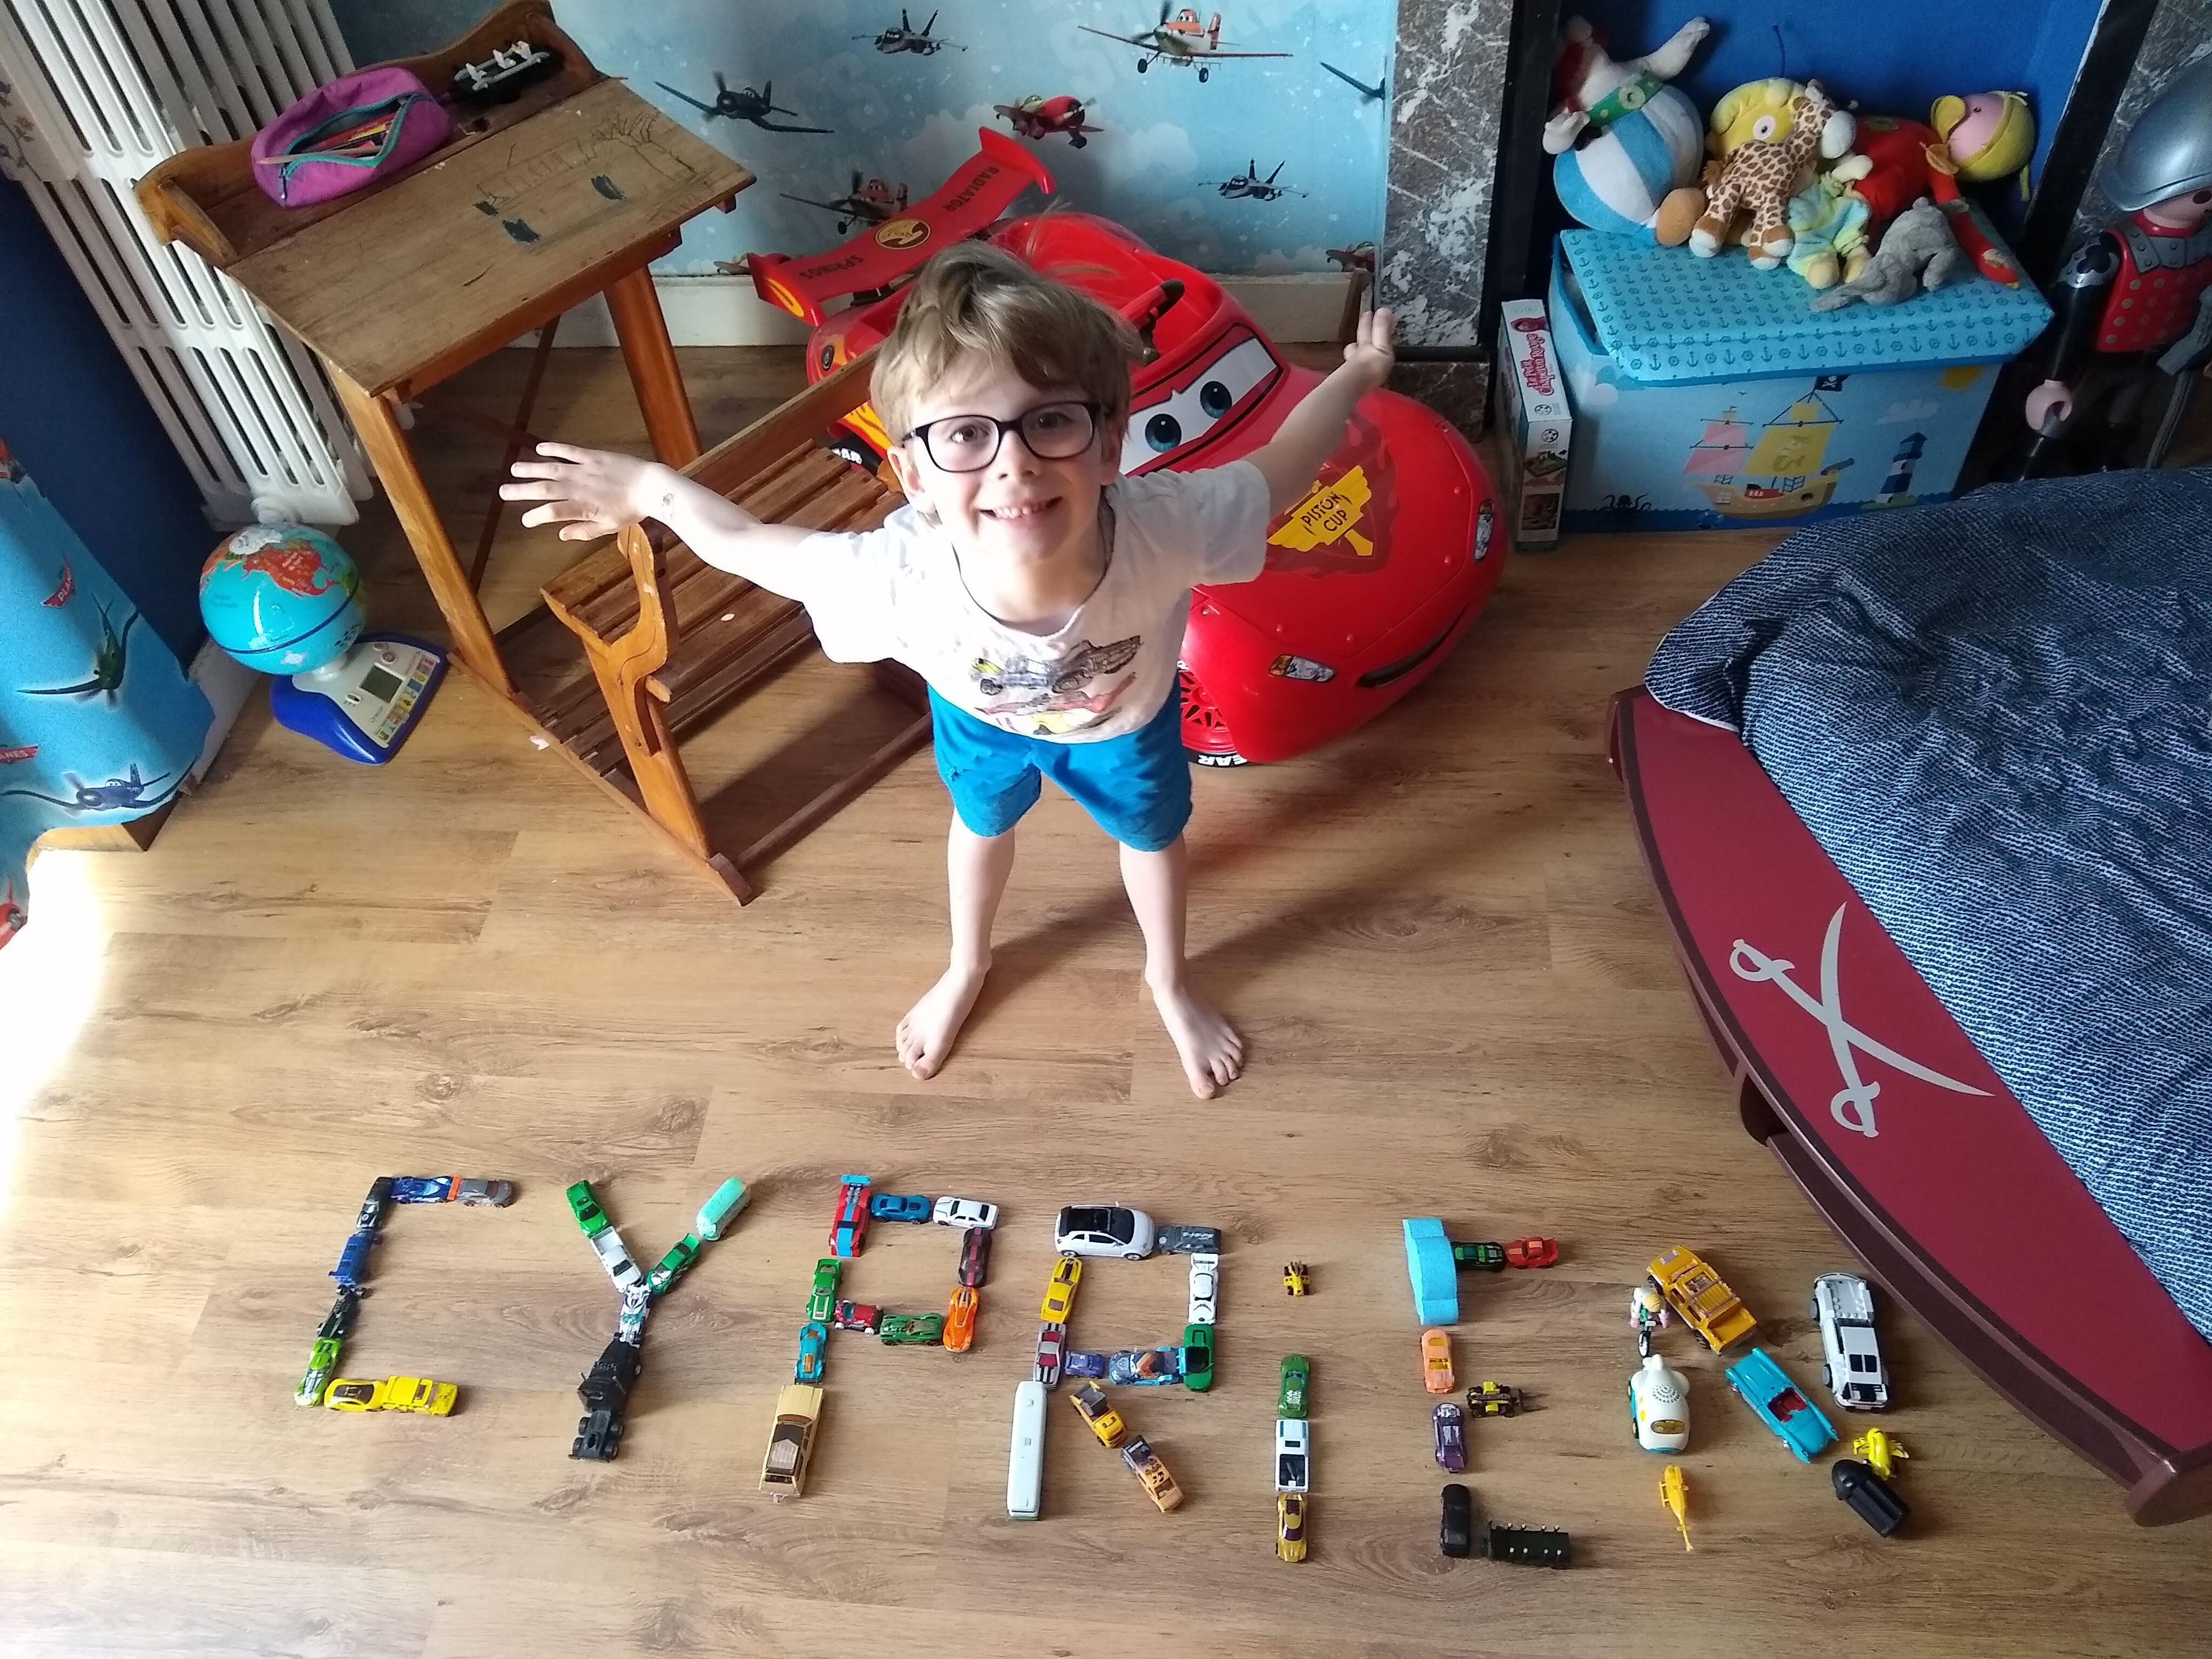 prénom_Cyprien